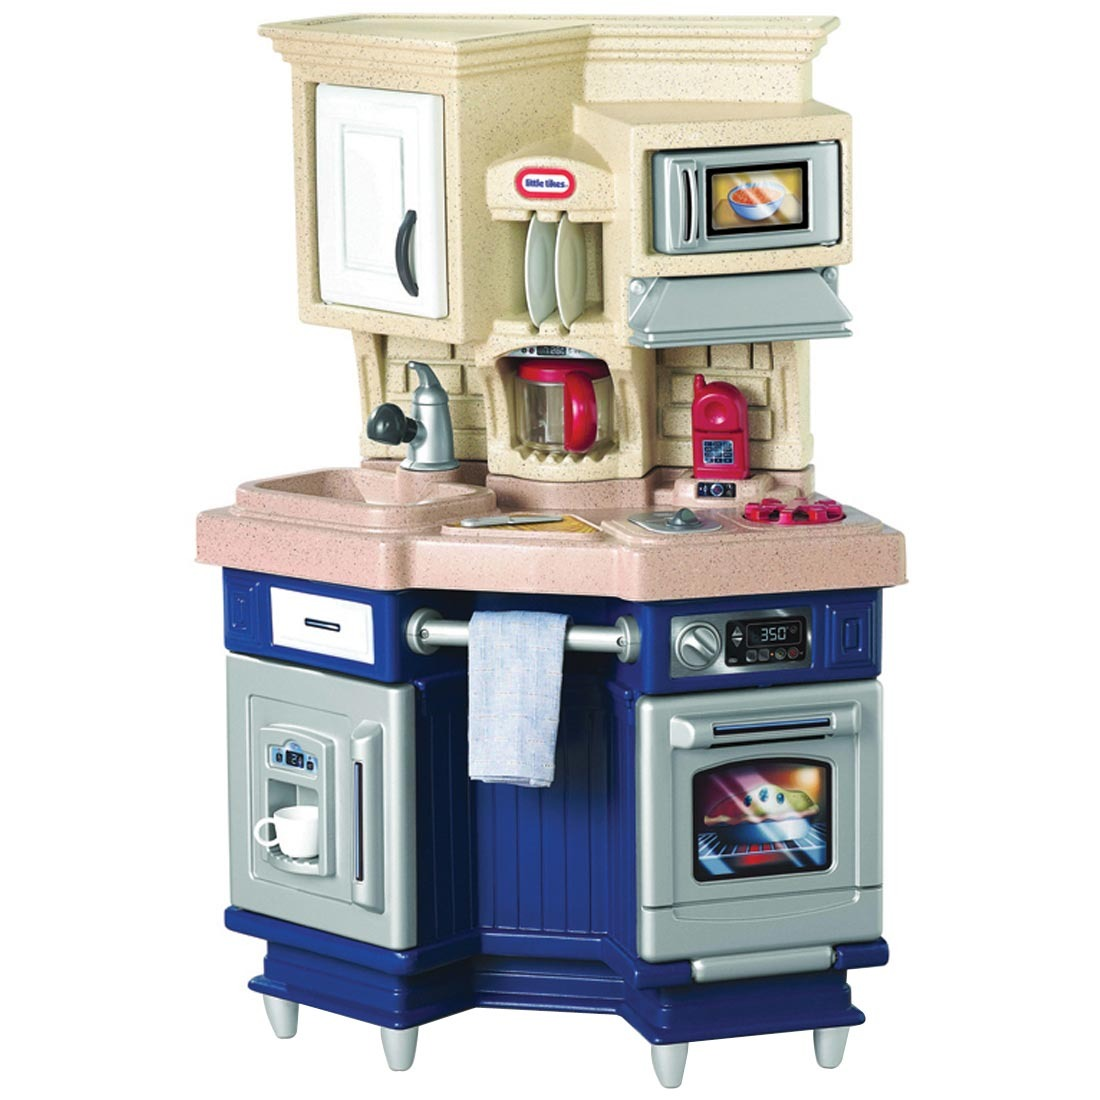 #243874 Mesa De Recreio Com Cozinha Super Chef Little Tikes R$ 999 00 no  1100x1100 px Armario De Cozinha Compacta Ricardo Eletro #1987 imagens